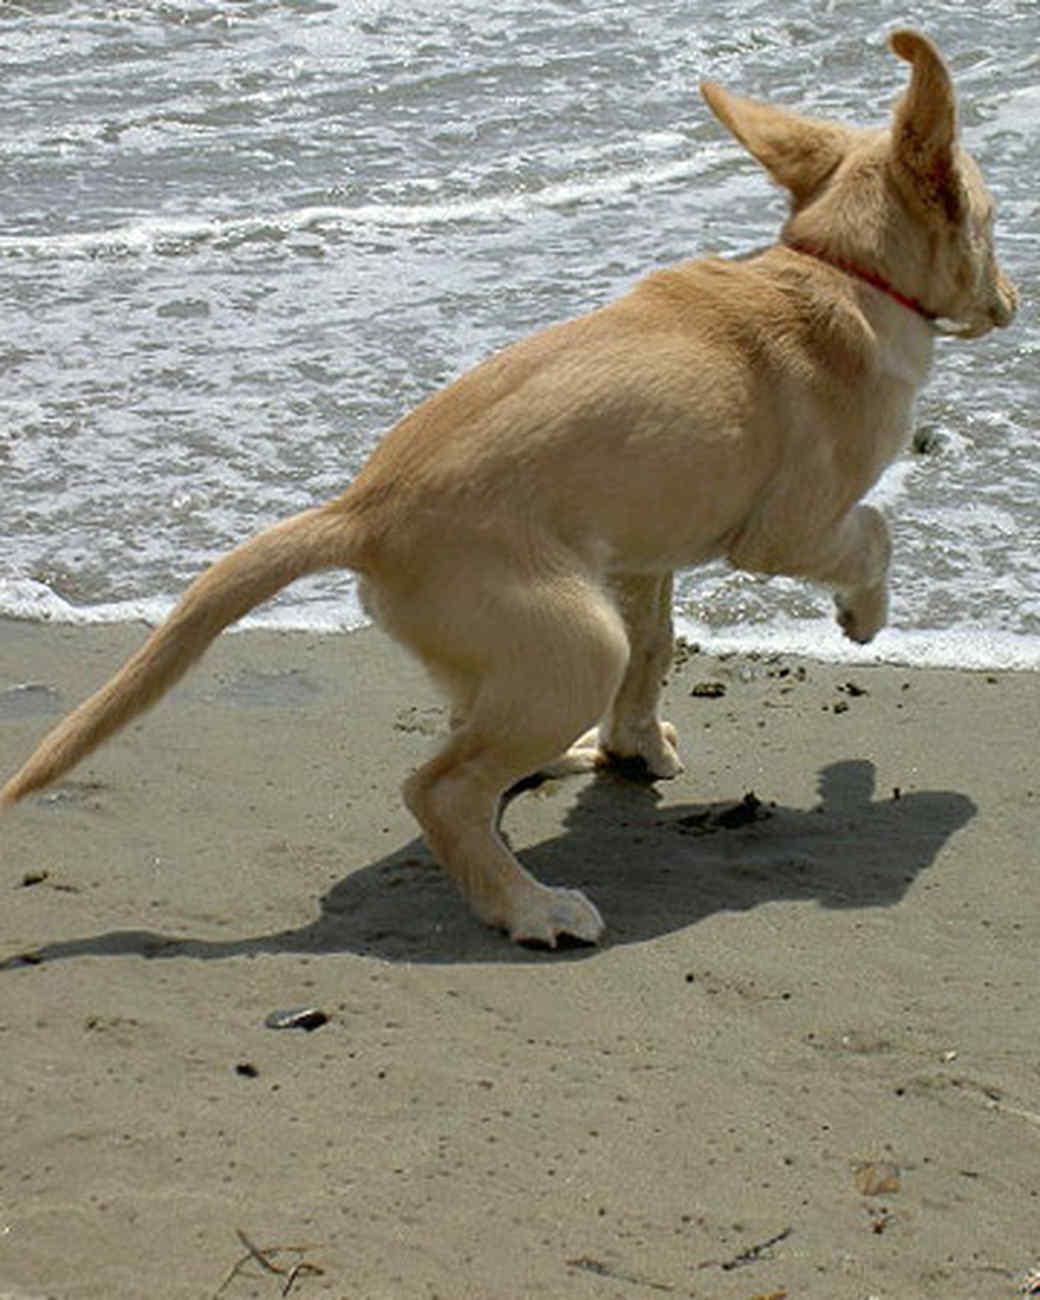 pets_beach_ori00096621.jpg